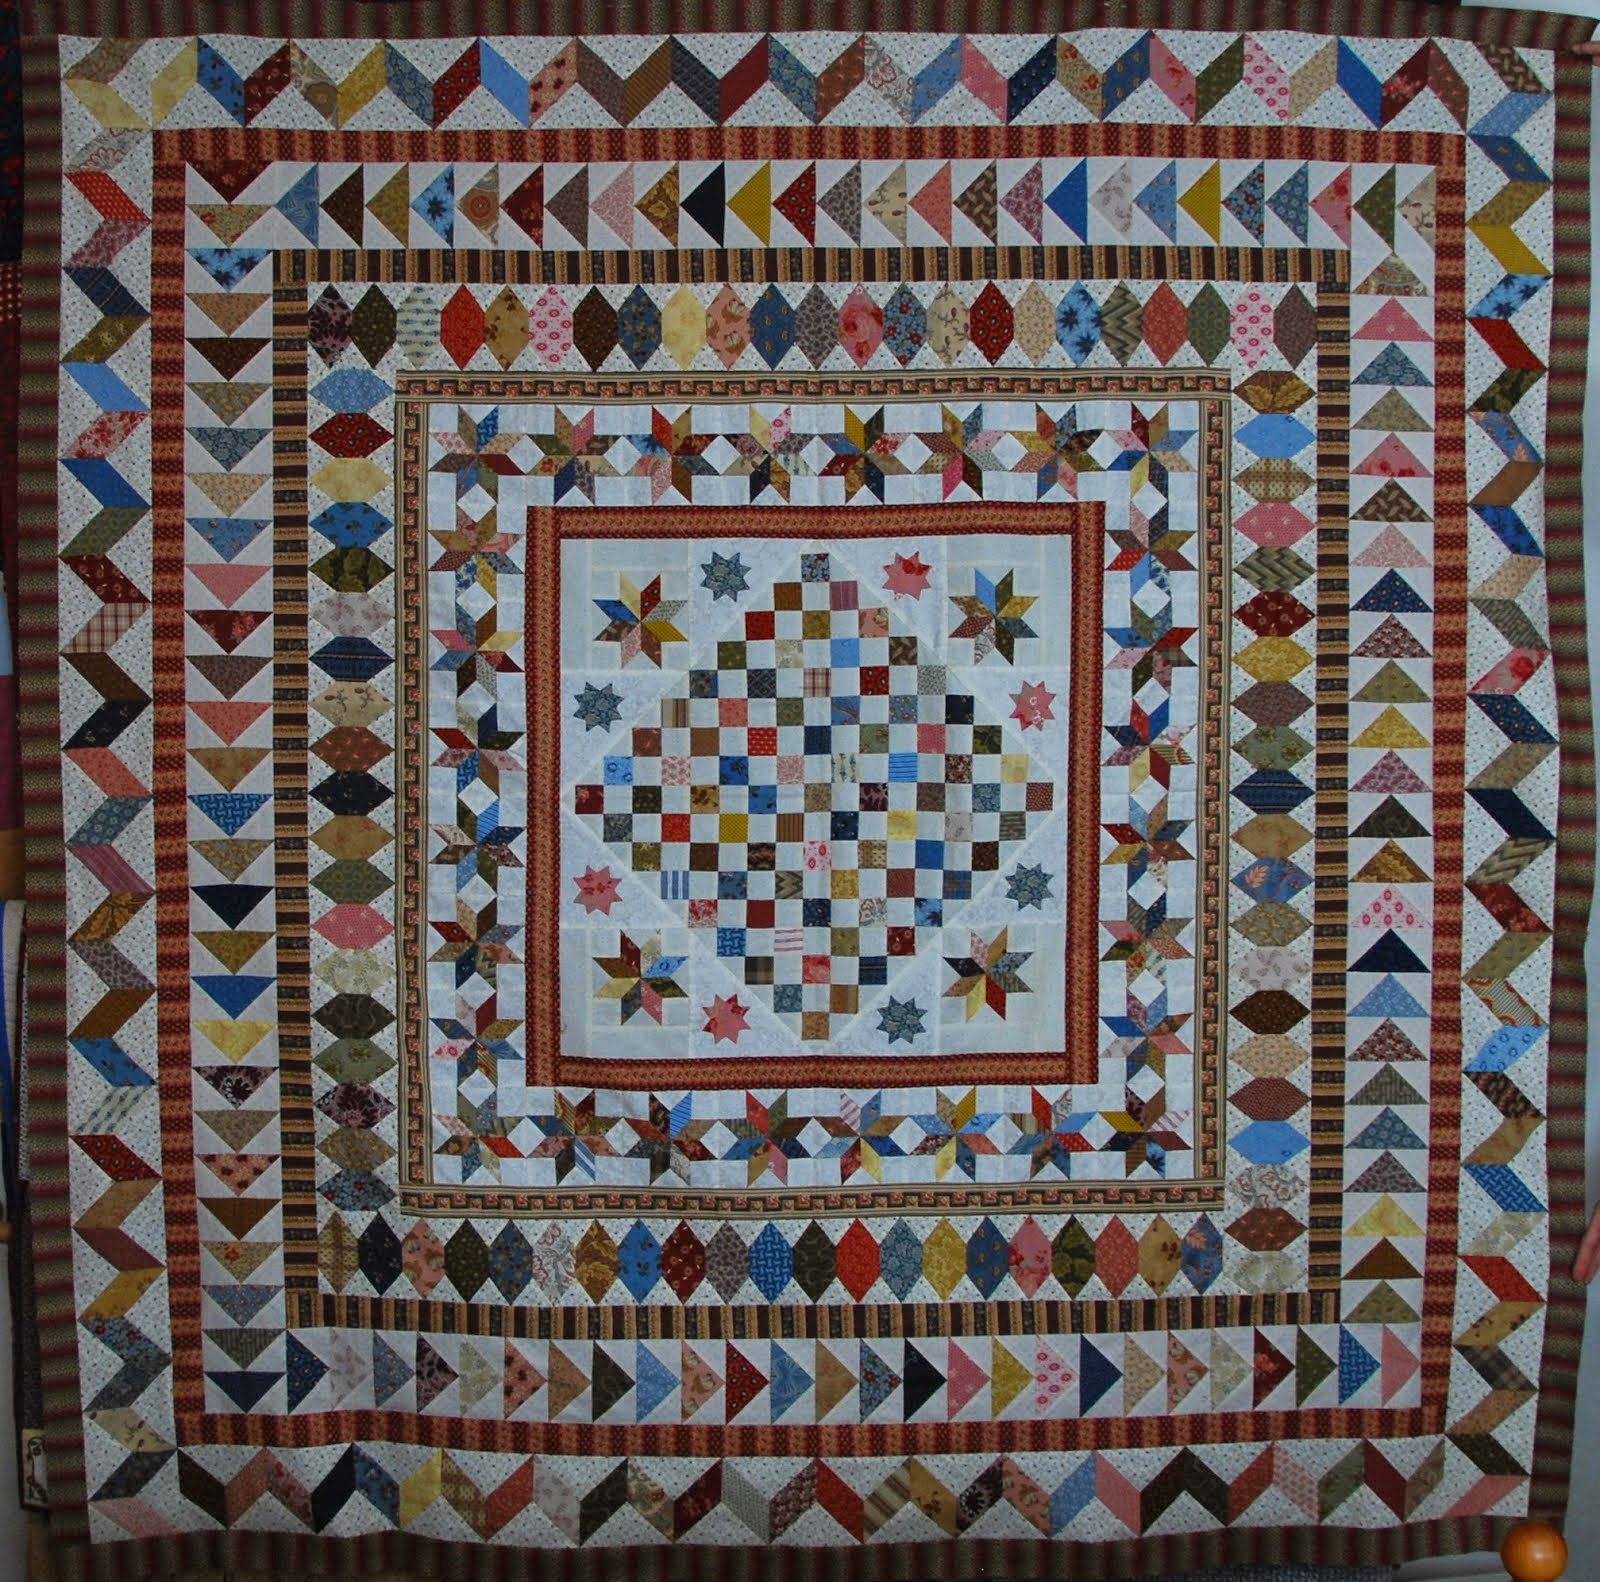 Mijn Antieke quilt (patroon Guute)